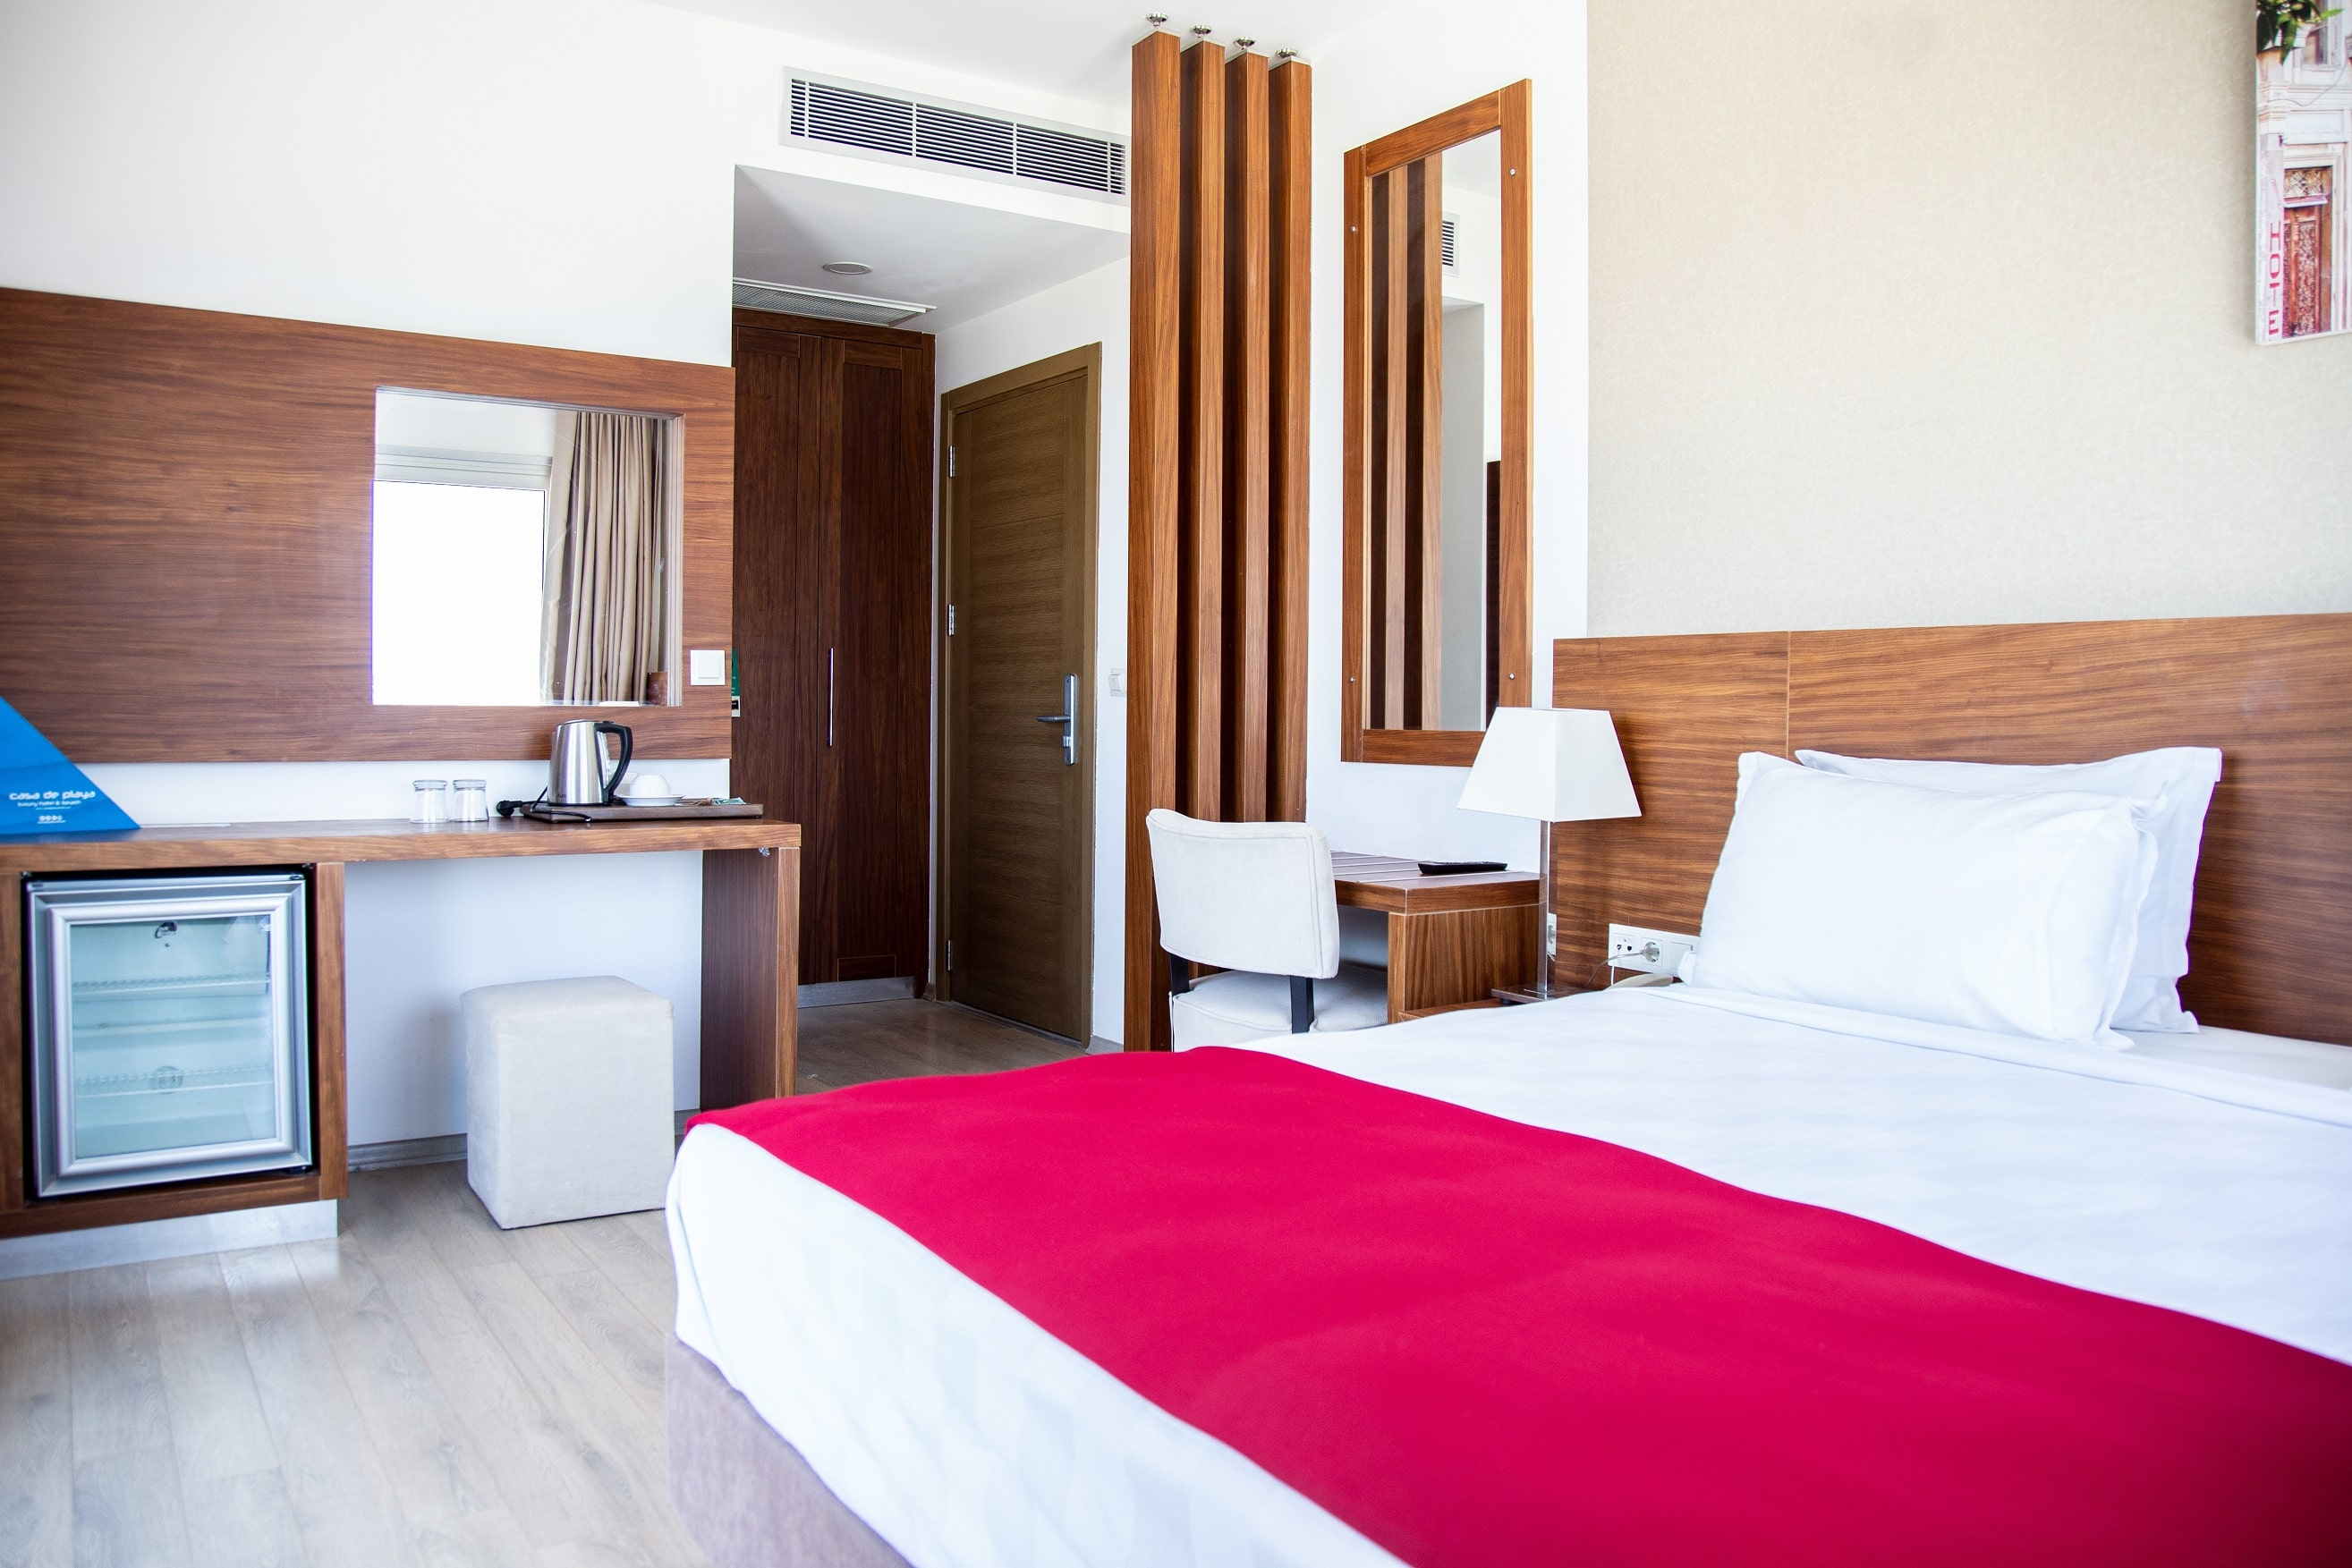 casa-de-playa-hotel-deluxe-oda-2